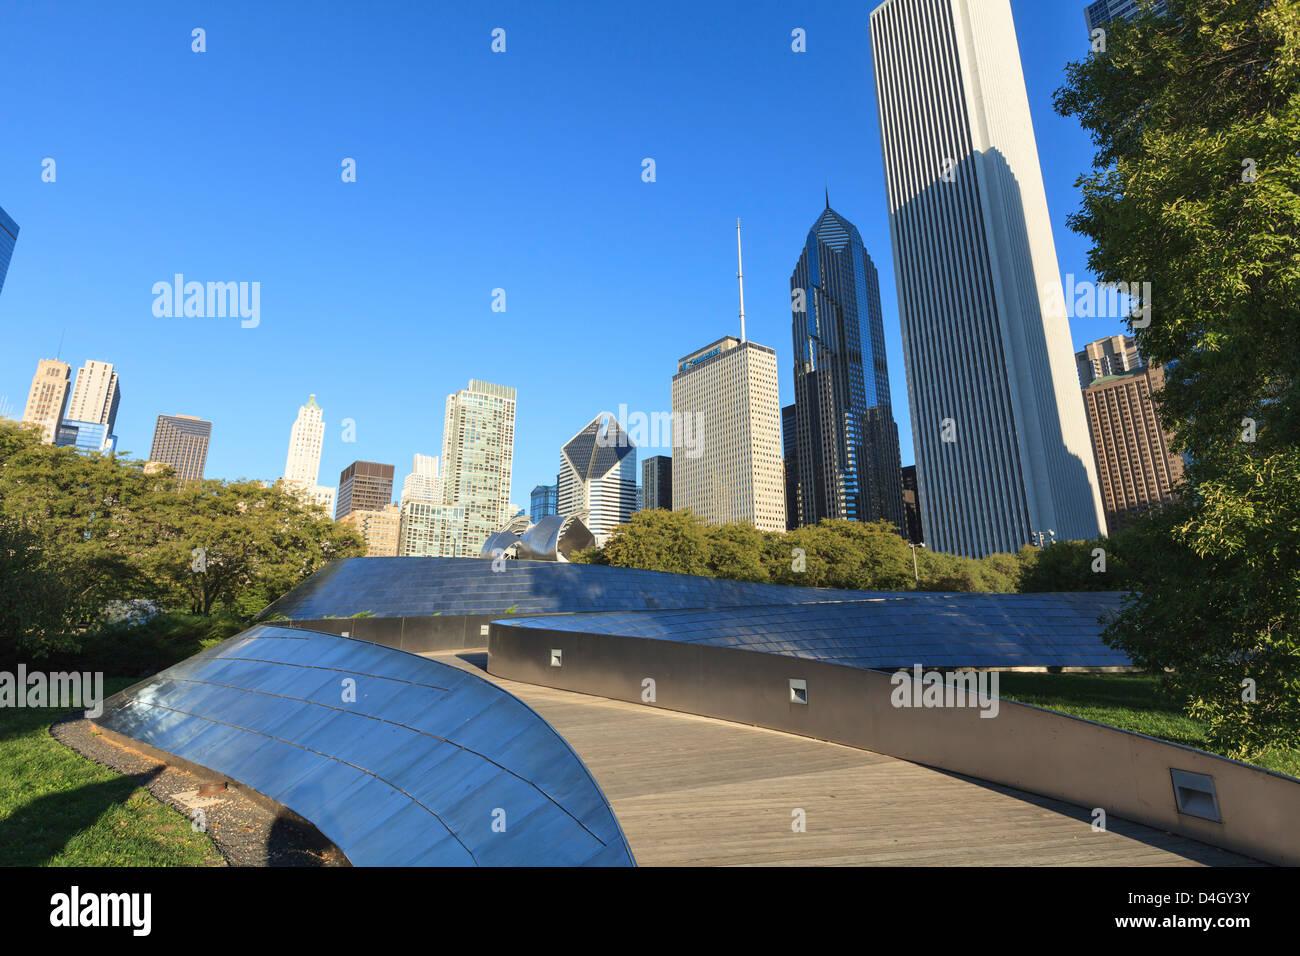 Stadtbild von der BP Fußgängerbrücke, entworfen von Frank Gehry, Chicago, Illinois, USA Stockbild